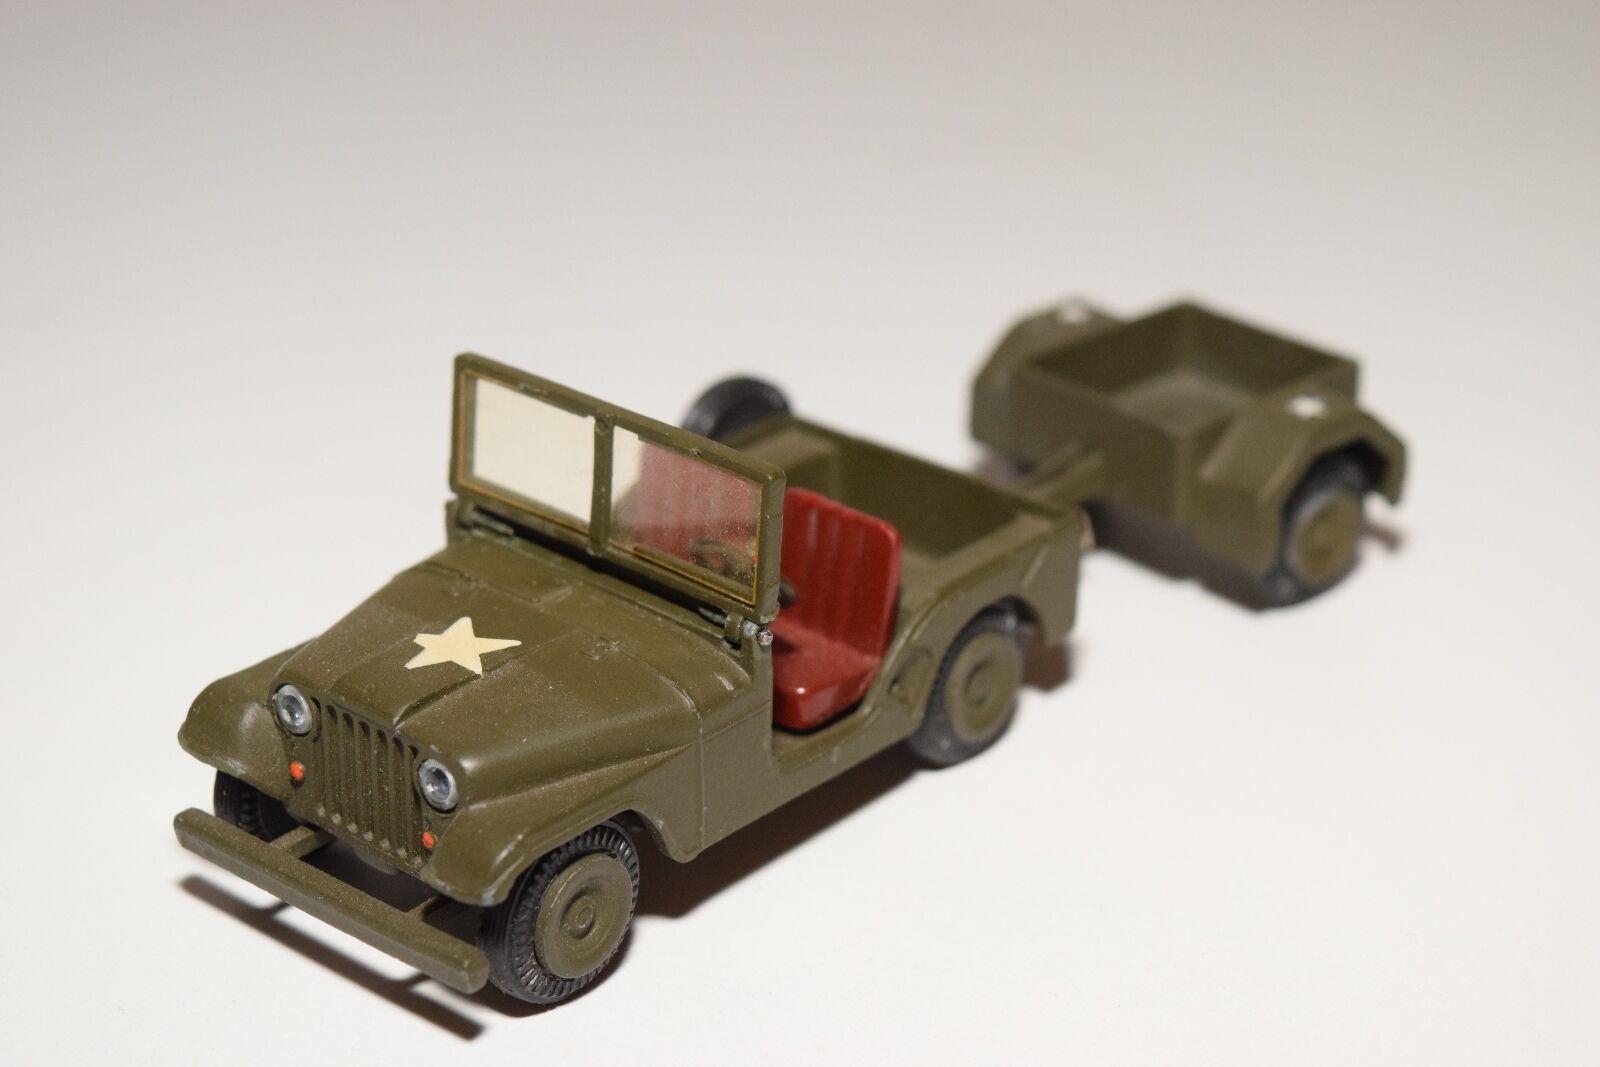 ...techno dänemark 814 uns amry jeep mit anhänger fast neuwertigen army Grün